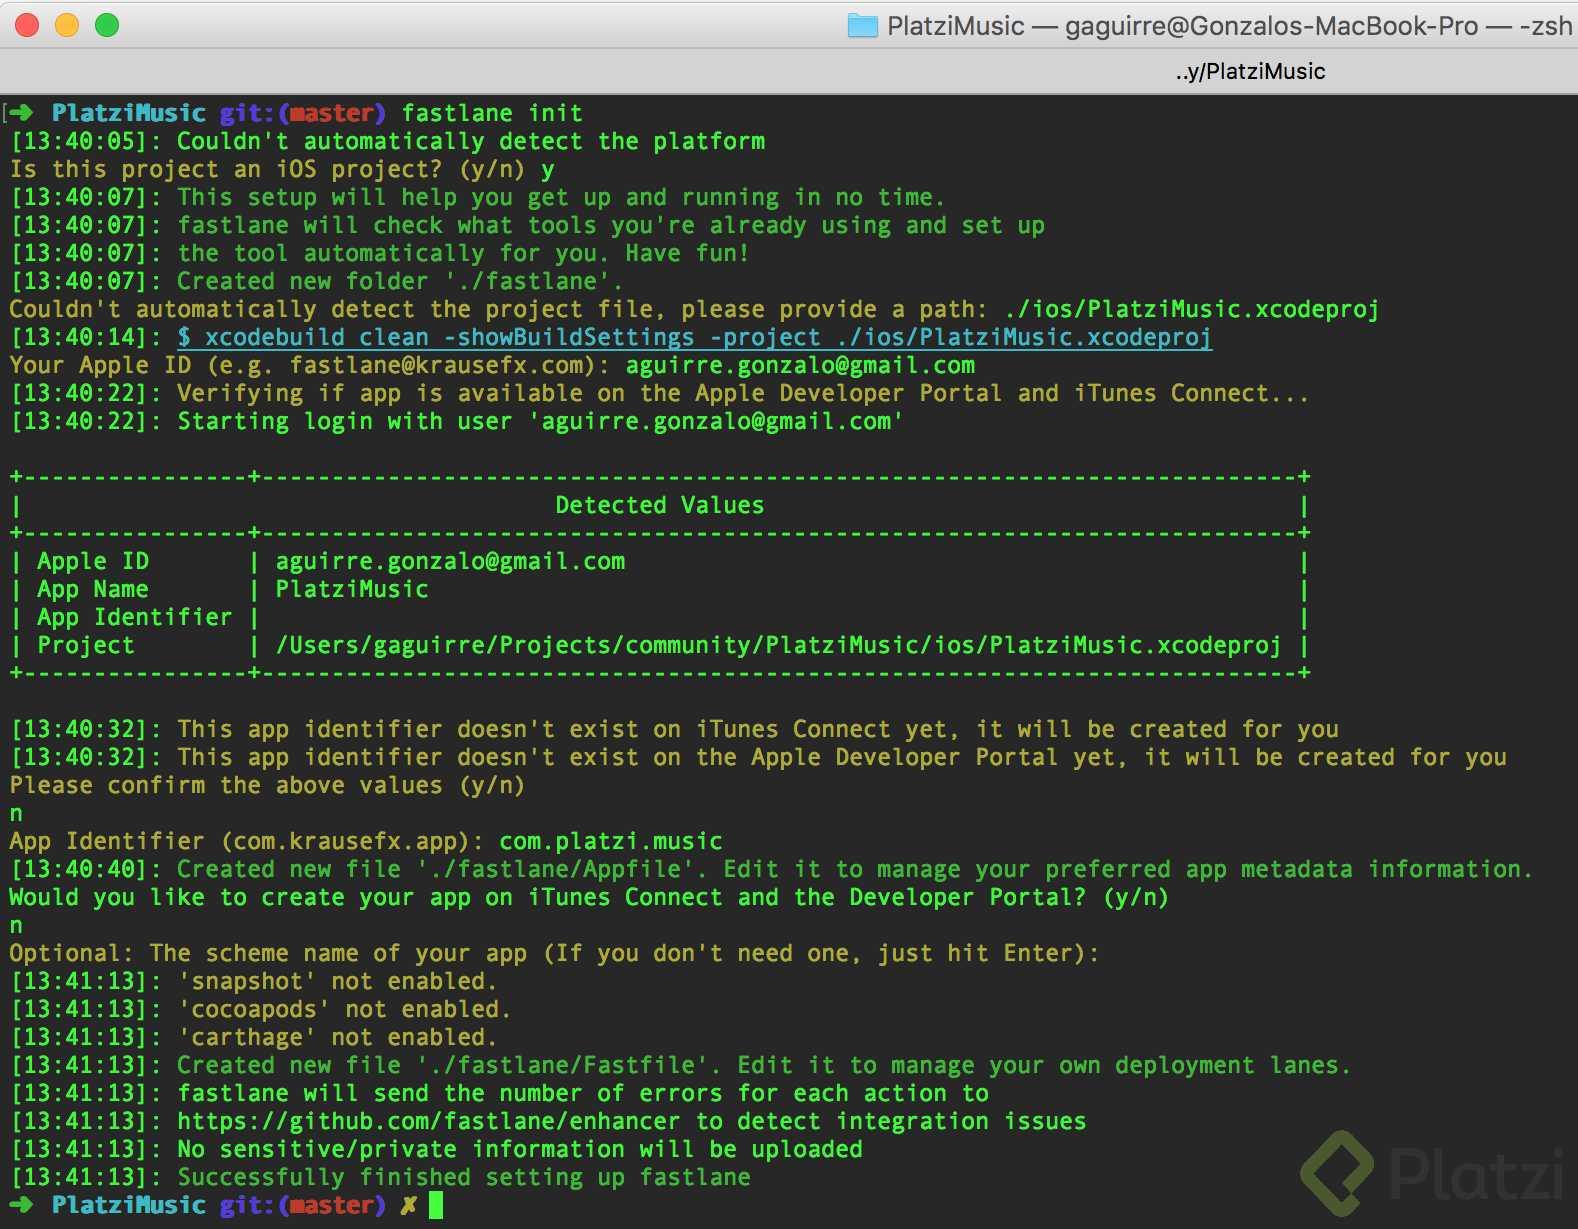 Este es el resultado de correr fastlane init y completar los datos requeridos durante su ejecución